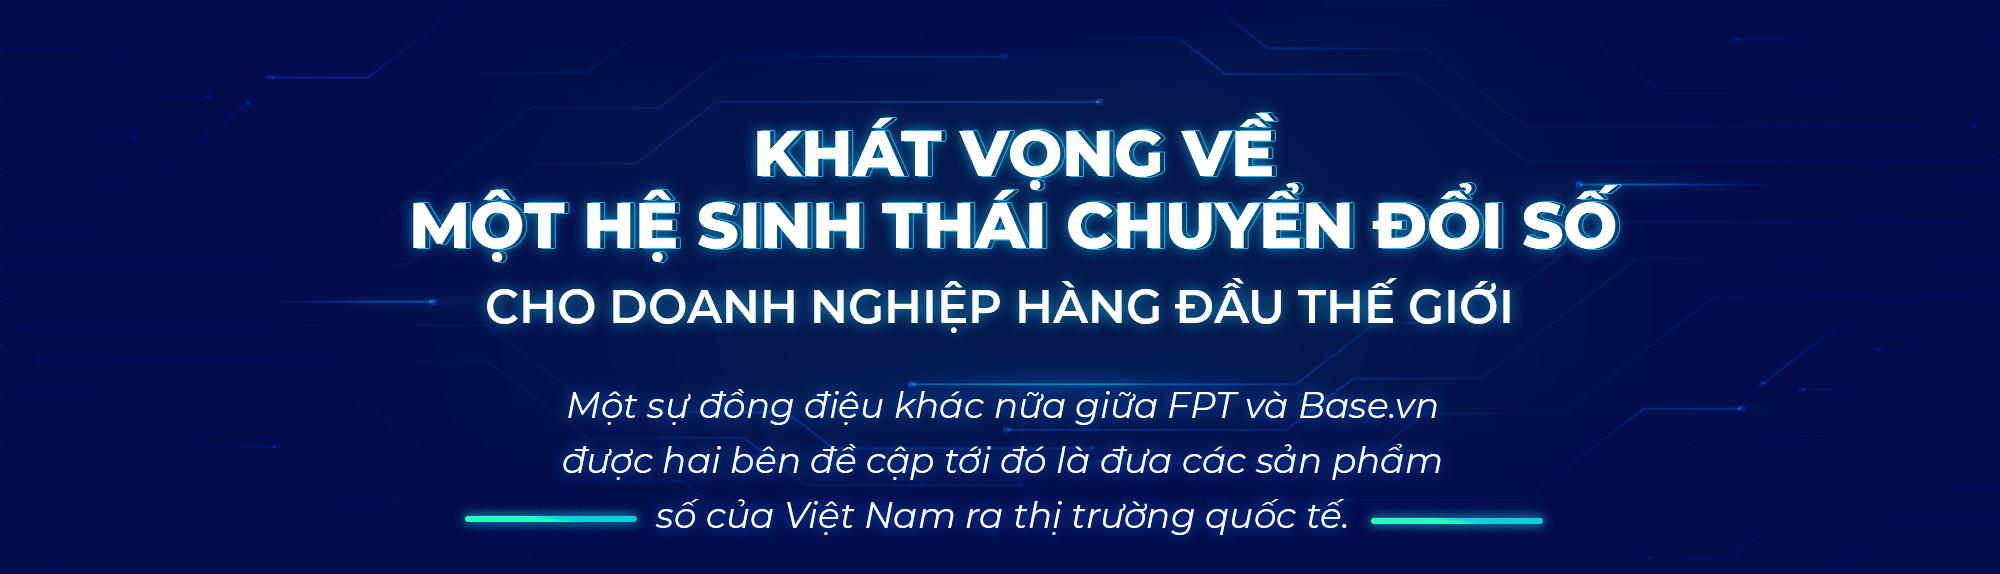 Khi start-up Base.vn sải cánh cùng FPT, chuyển đổi số SMEs có bứt phá thần tốc - Ảnh 6.